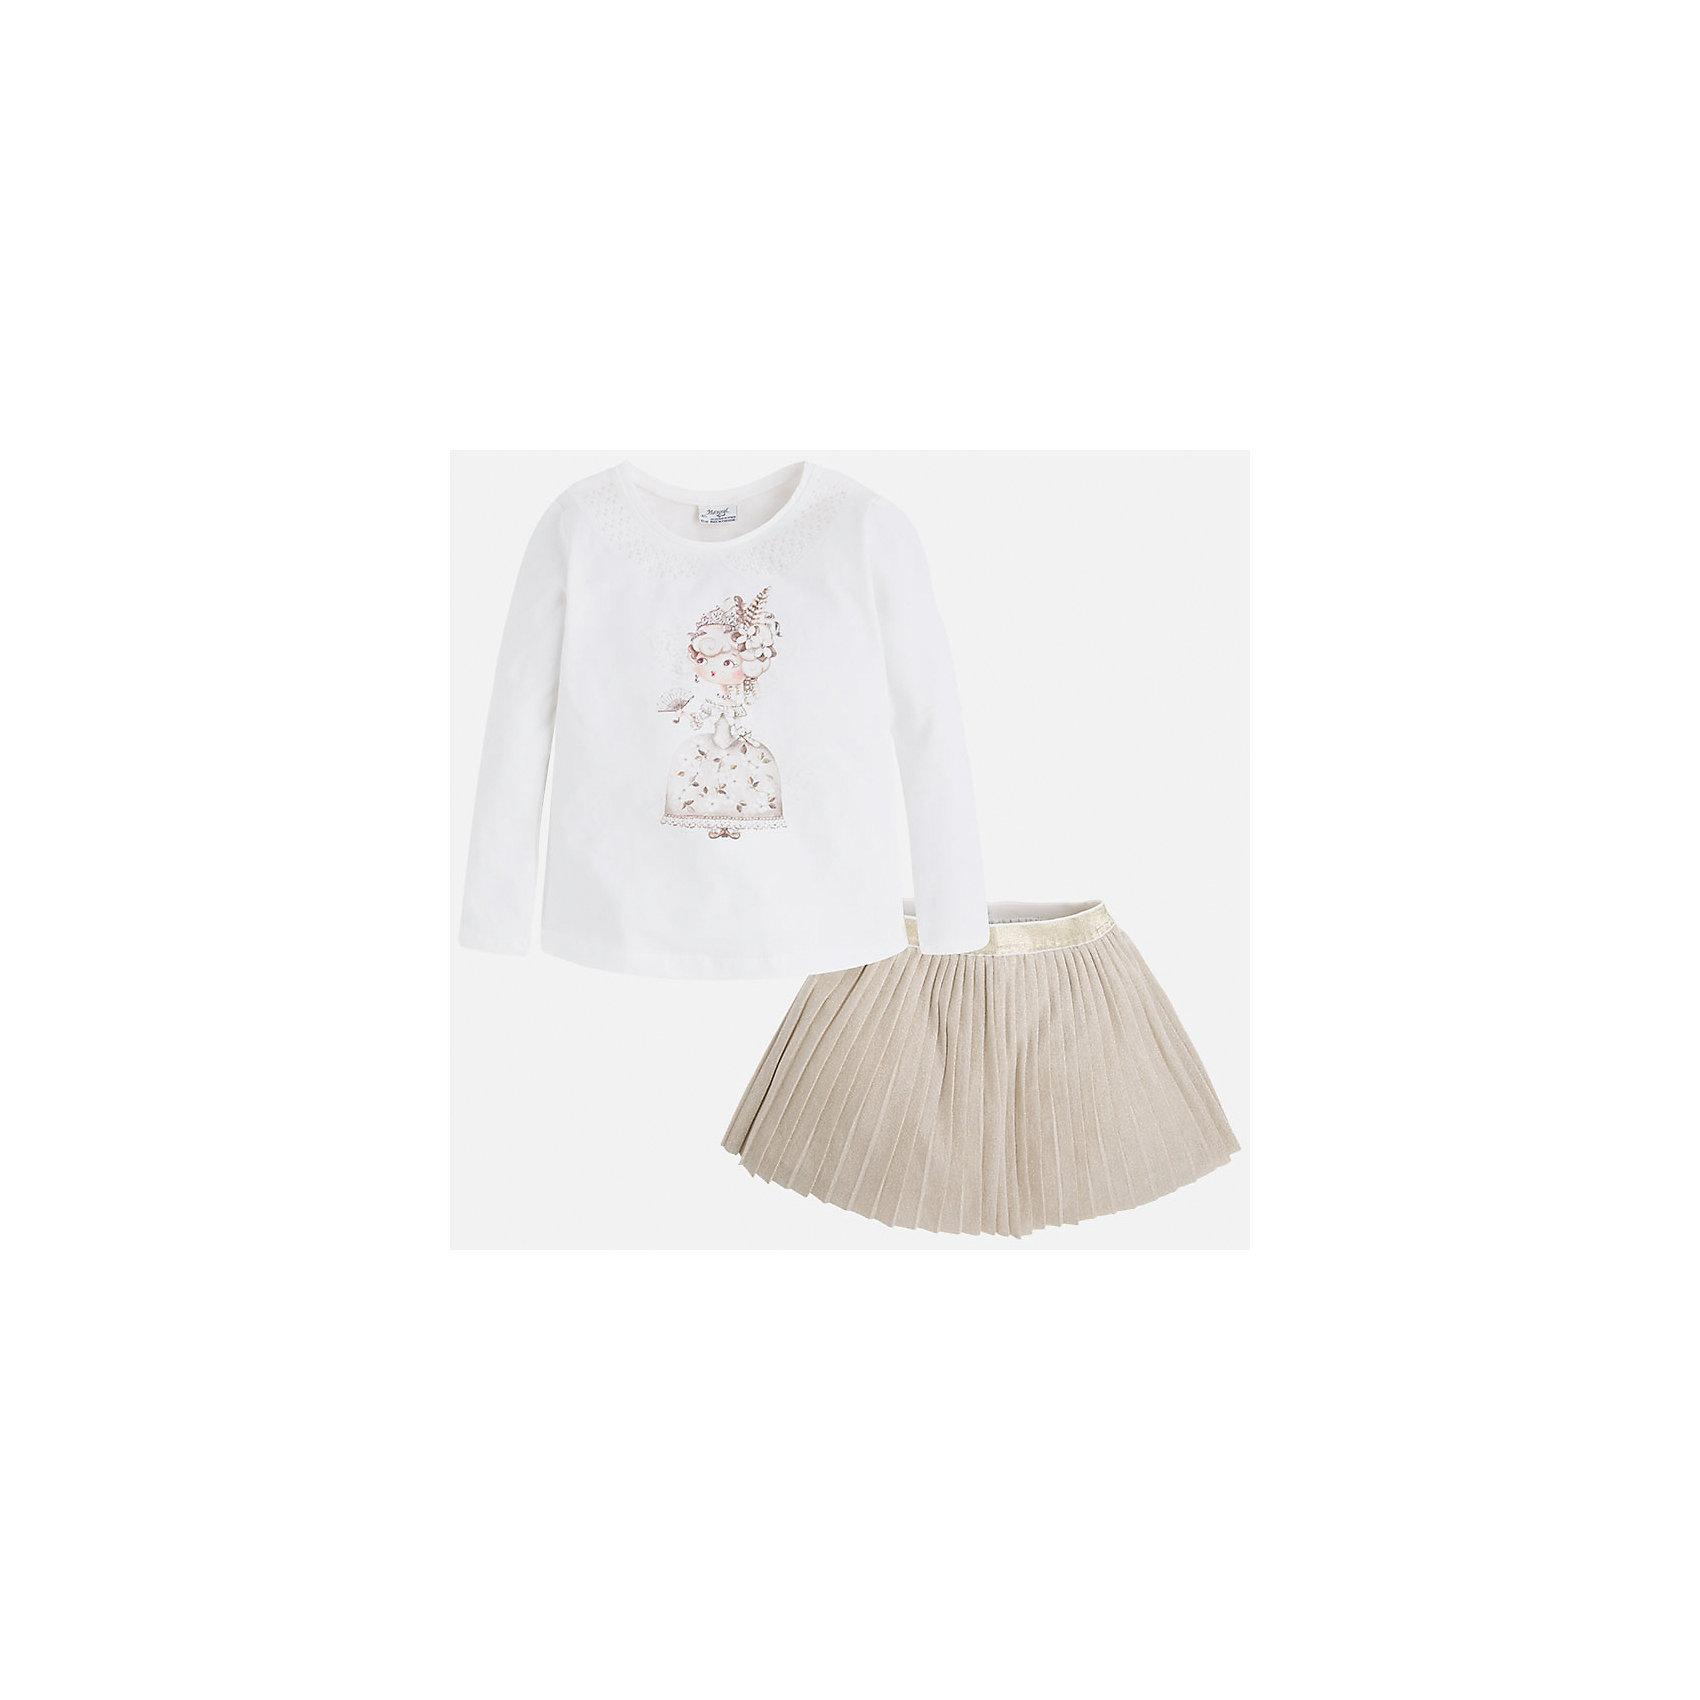 Комплект:топ и юбка для девочки MayoralКомплект из топа и юбки для девочки от популярного испанского бренда Mayoral(Майорал). Комплект изготовлен из хлопка высокого качества, приятного телу. Плиссированная юбка с блестящей вышивкой и топ нежного белого цвета с принтом прекрасно сочетаются и отлично подойдут для прогулок!<br>Дополнительная информация:<br>-длинные рукава<br>-красивый принт спереди<br>-цвет: золотистый/белый<br>-состав. топ: 92% хлопок, 8% эластан. Юбка 66% полиэстер, 30% люрекс, 4% эластан; подкладка: 100% хлопок<br>Комплект из топа и юбки можно купить в нашем интернет-магазине.<br><br>Ширина мм: 207<br>Глубина мм: 10<br>Высота мм: 189<br>Вес г: 183<br>Цвет: желтый<br>Возраст от месяцев: 96<br>Возраст до месяцев: 108<br>Пол: Женский<br>Возраст: Детский<br>Размер: 134,116,110,122,104,128,98<br>SKU: 4844632